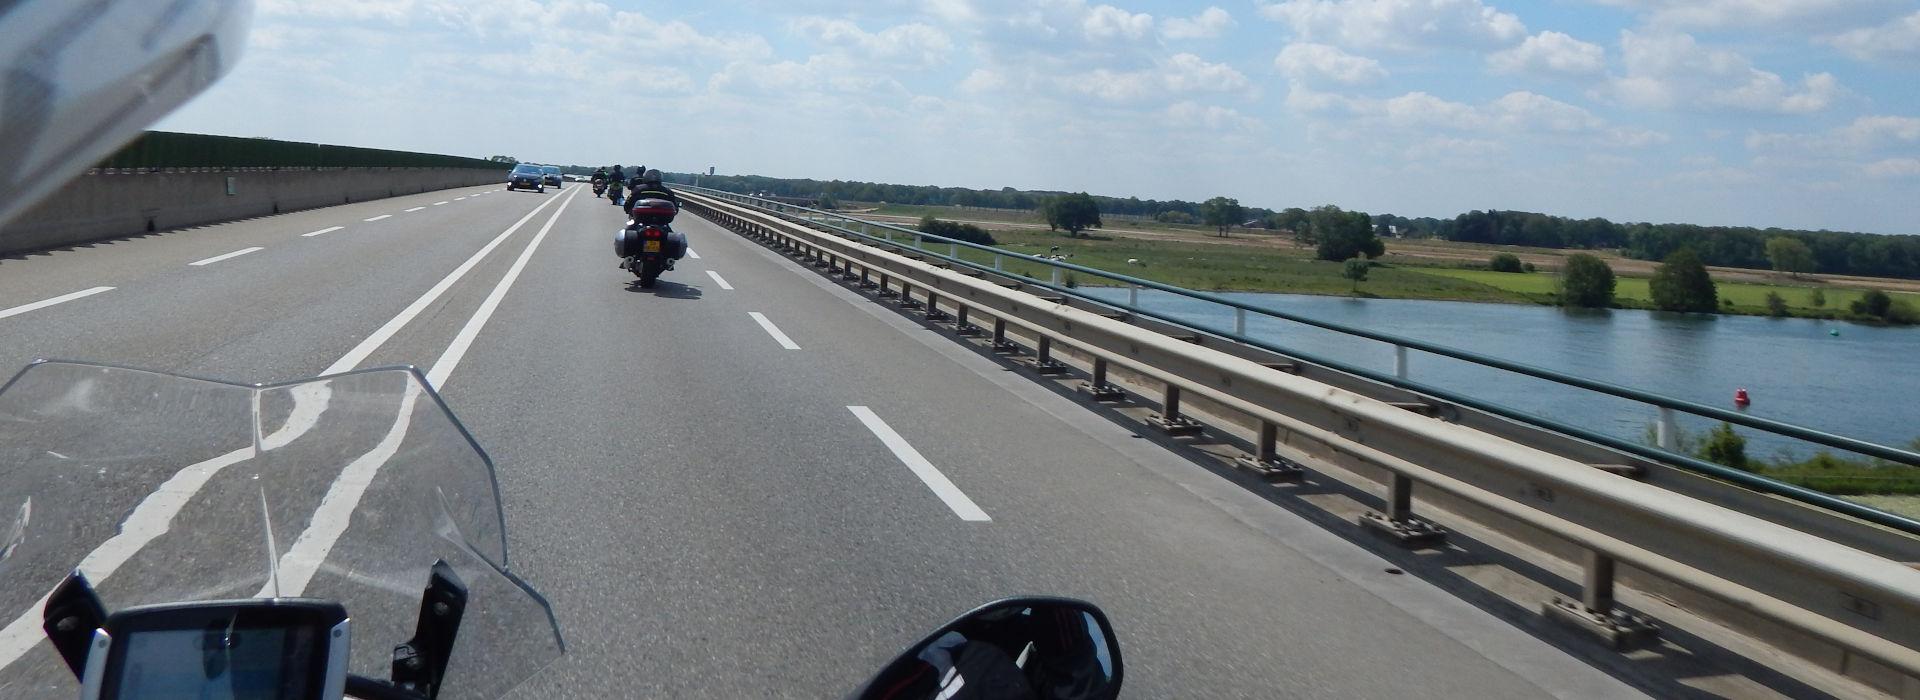 Motorrijbewijspoint Krimpen aan den IJssel snel motorrijbewijs halen